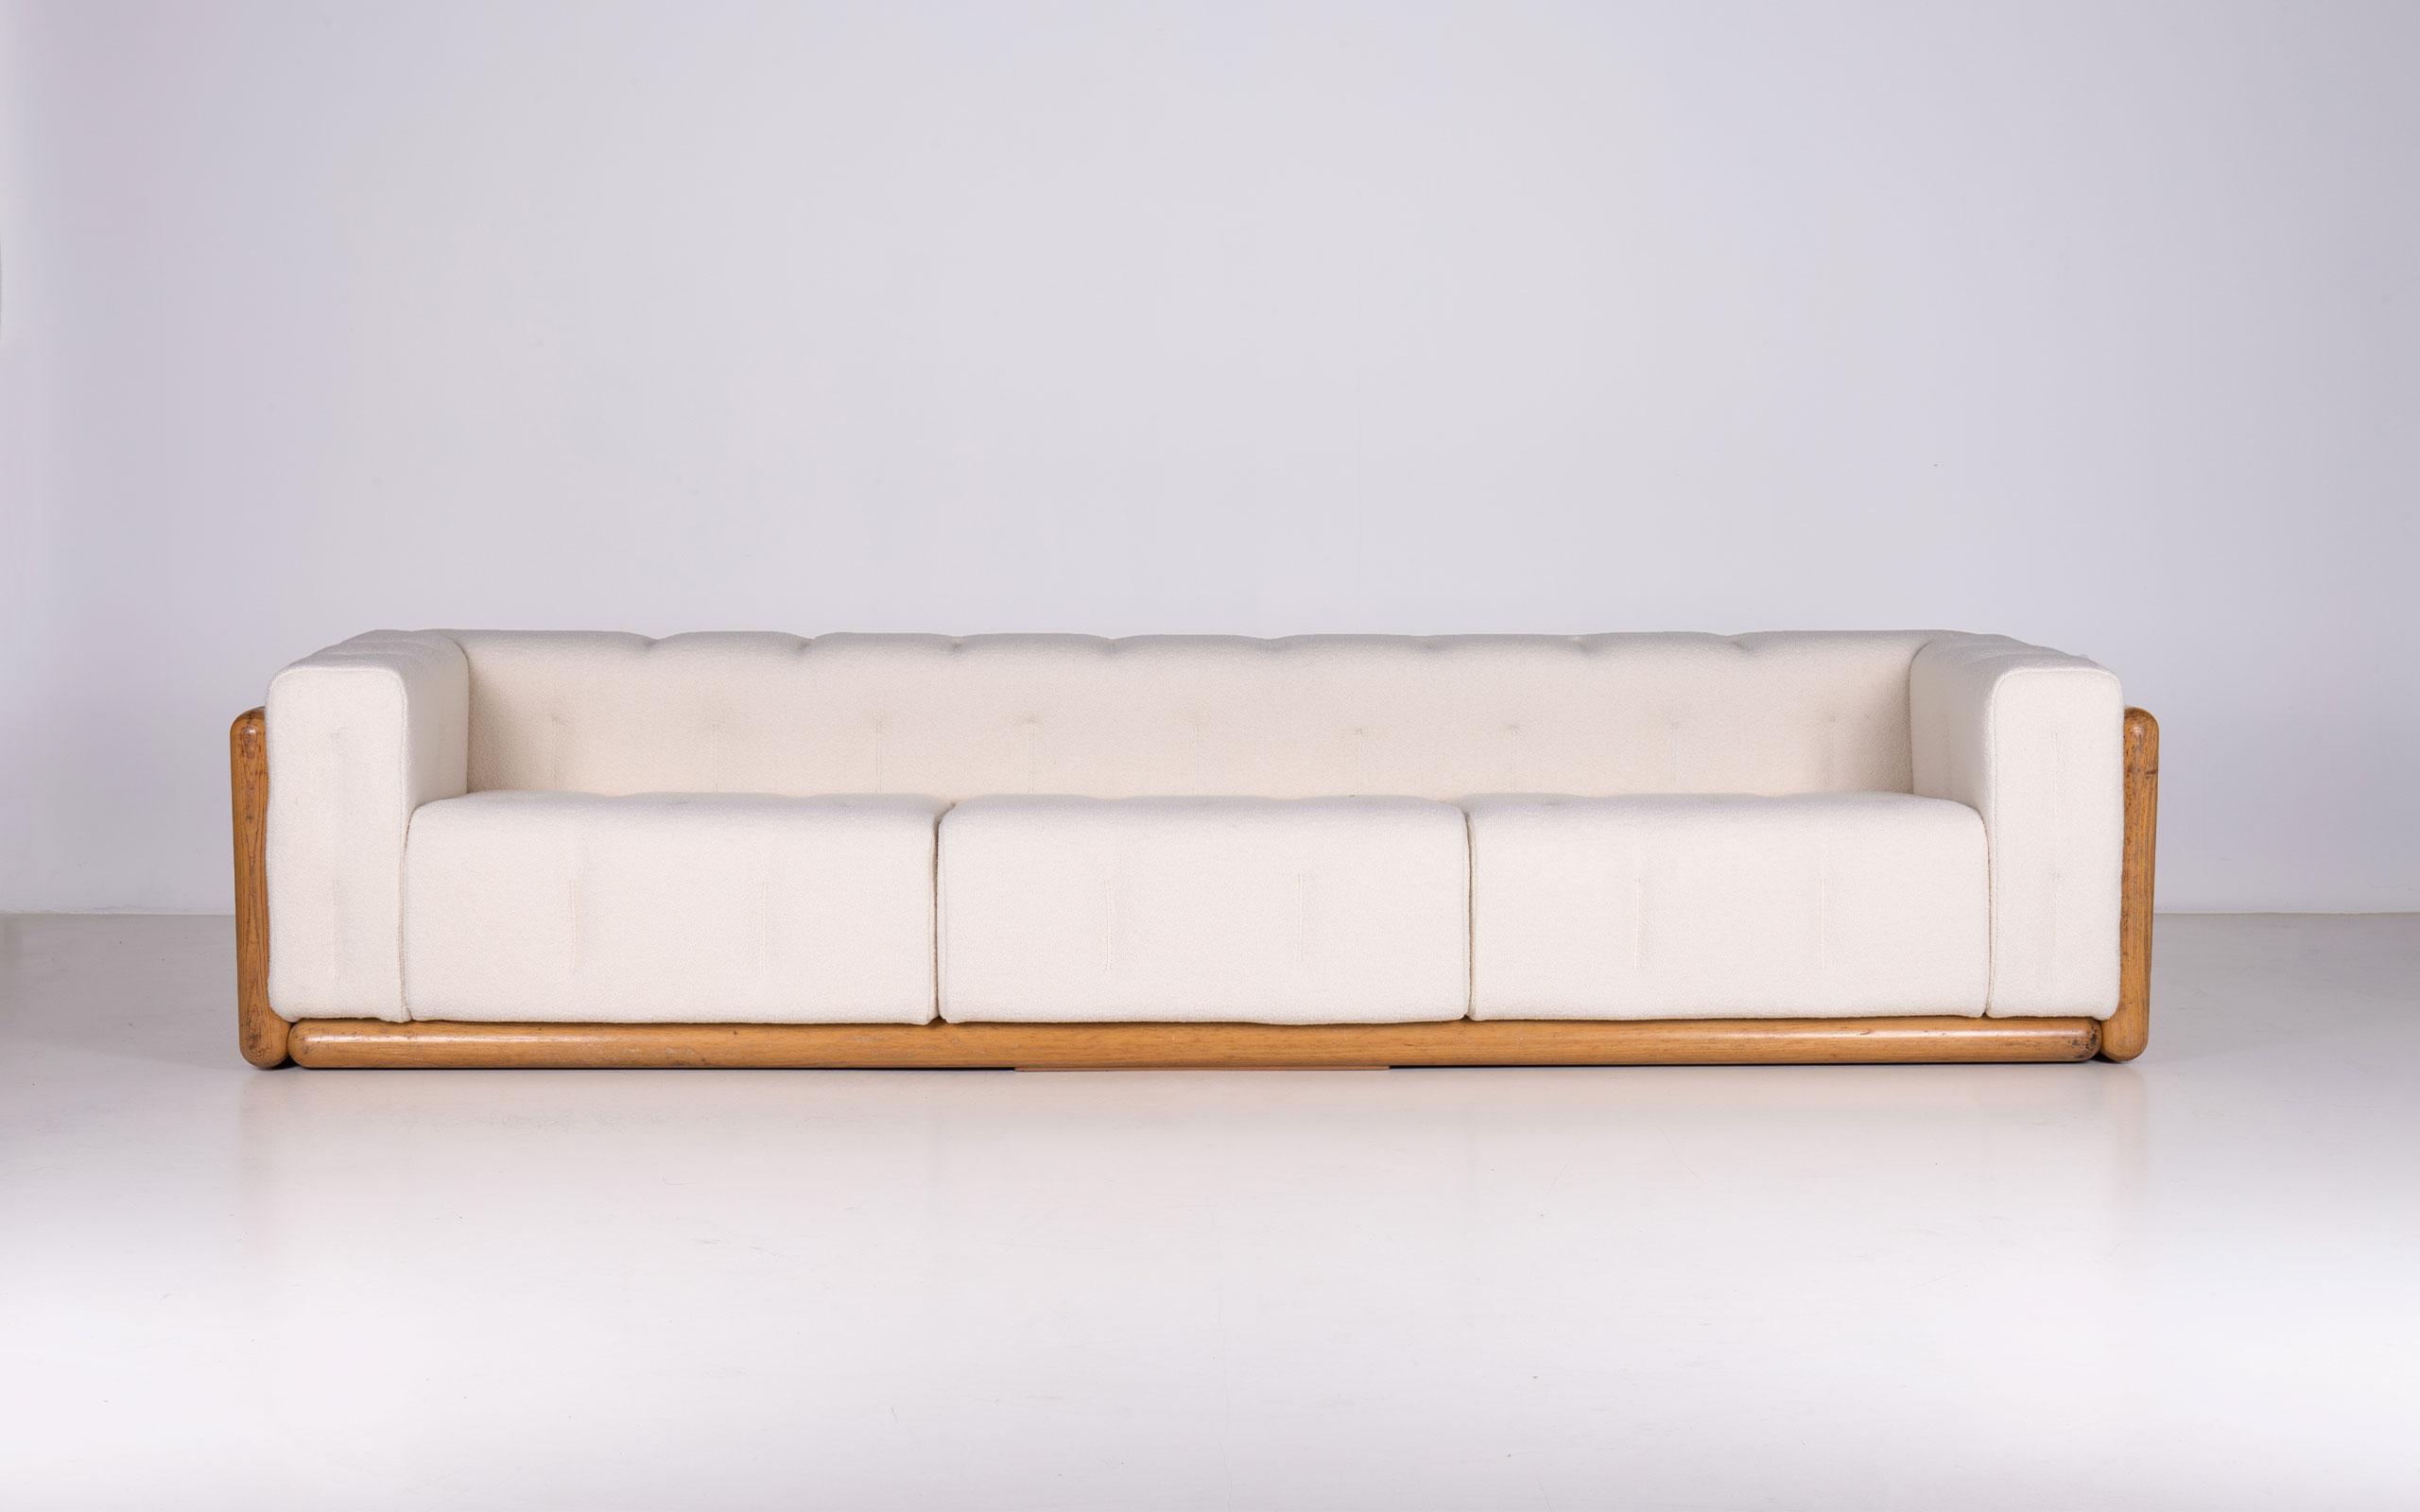 Cornaro 300 sofa by Carlo Scarpa | Paradisoterrestre